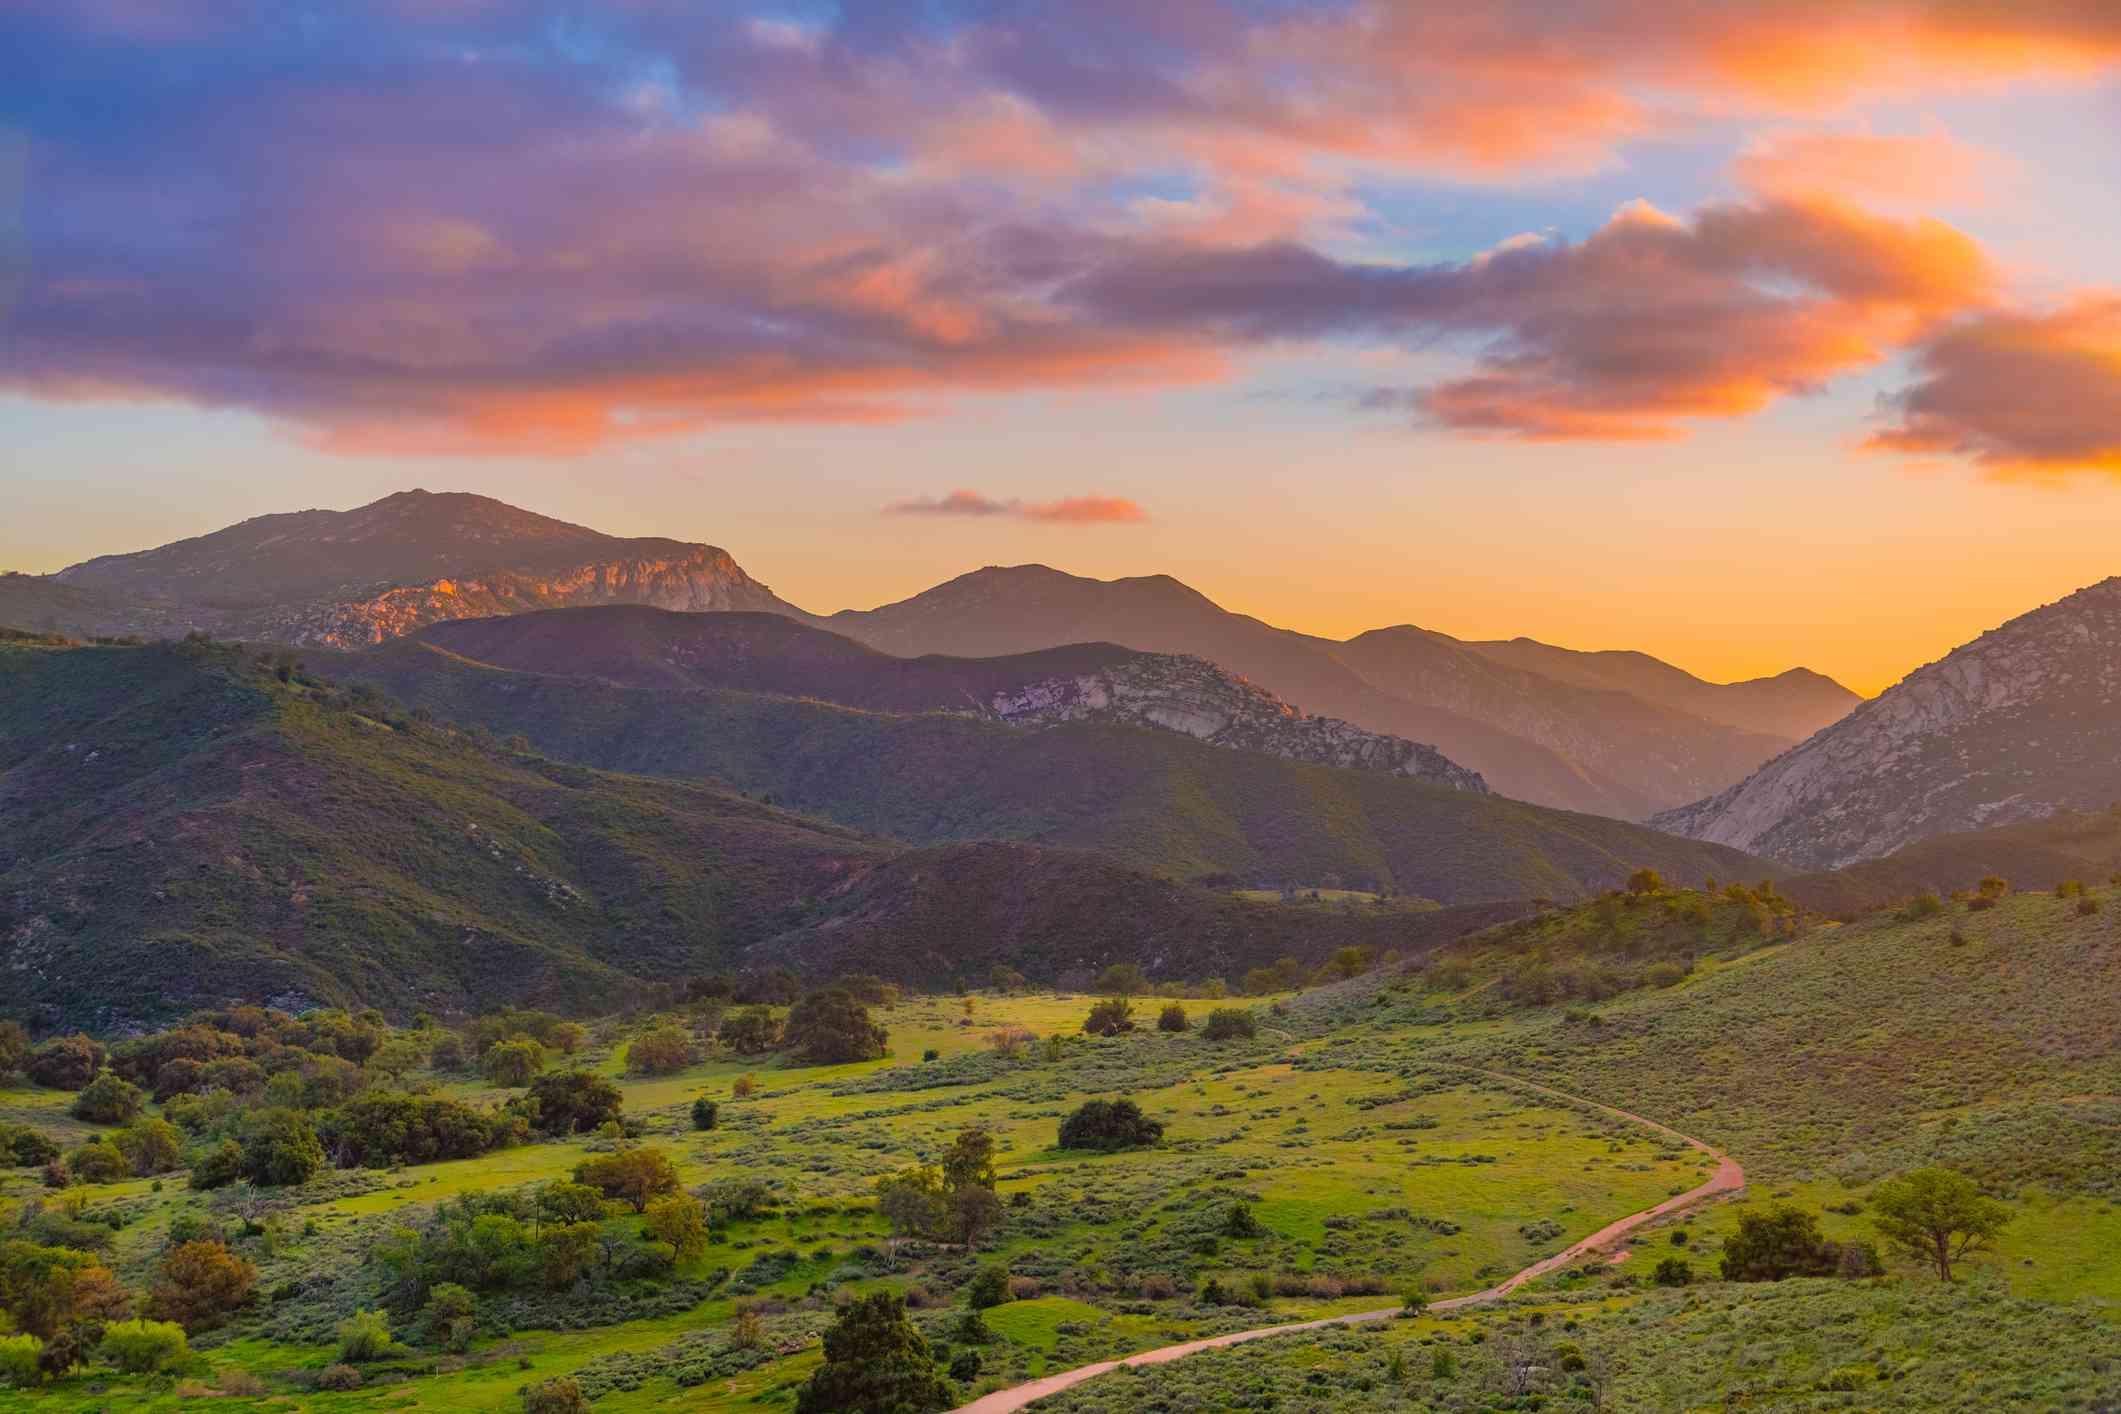 Palomar Mountain Valley glows in sunset